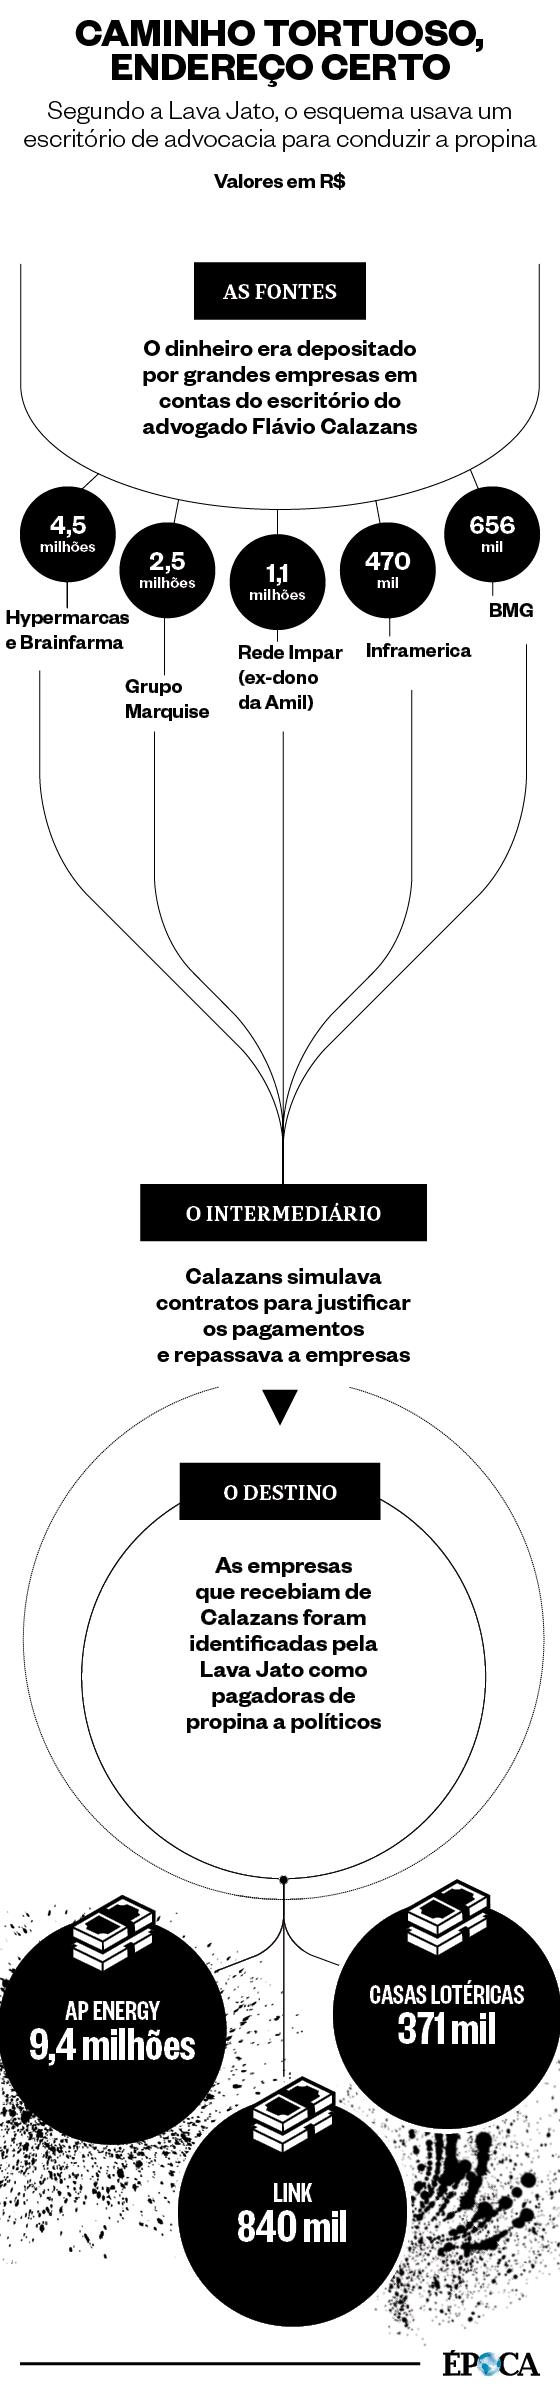 Caminho tortuoso, endereço certo (Foto: ÉPOCA)